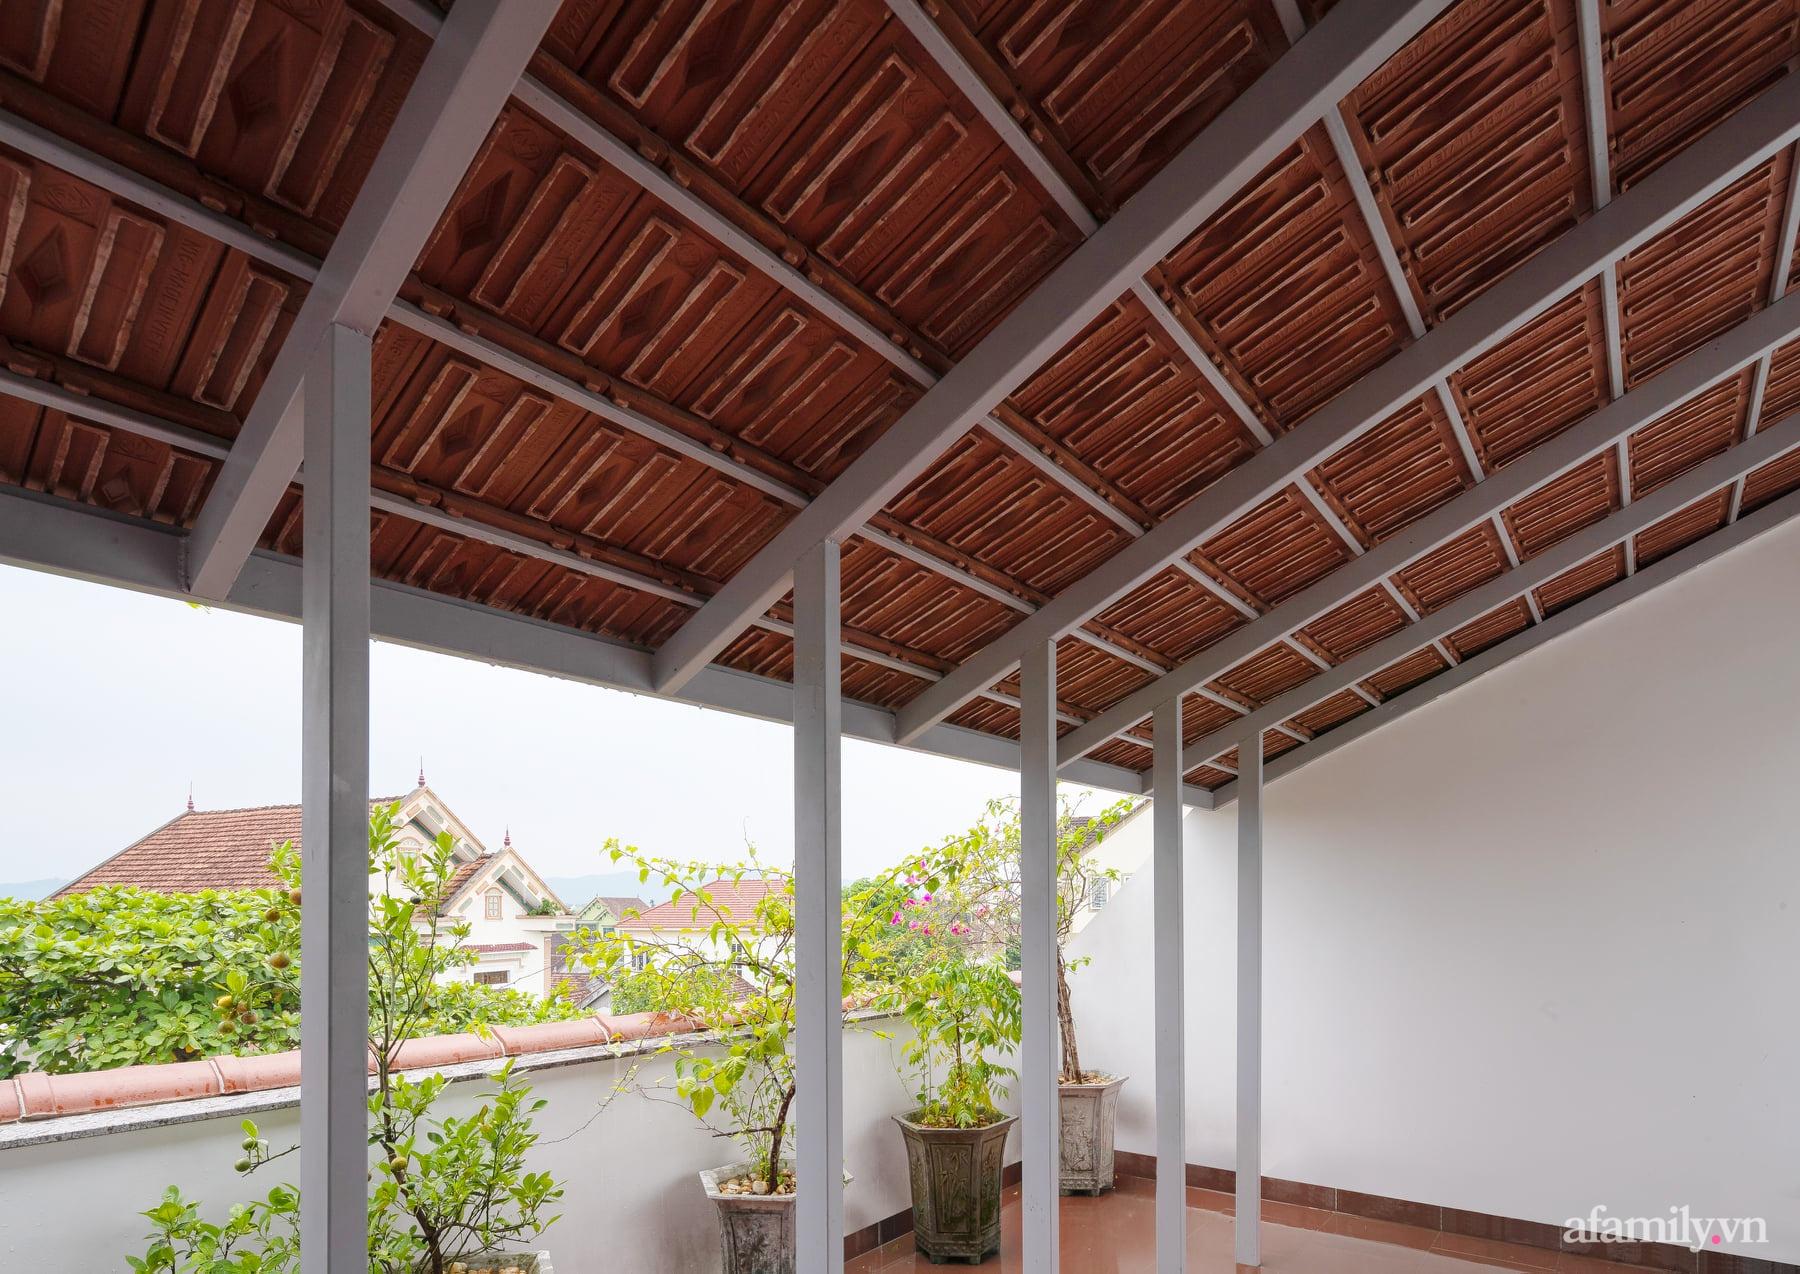 Ngôi nhà ngói gói gọn bình yên với những tiện nghi và hiện đại ở thị trấn nông thôn Nghệ An - Ảnh 6.